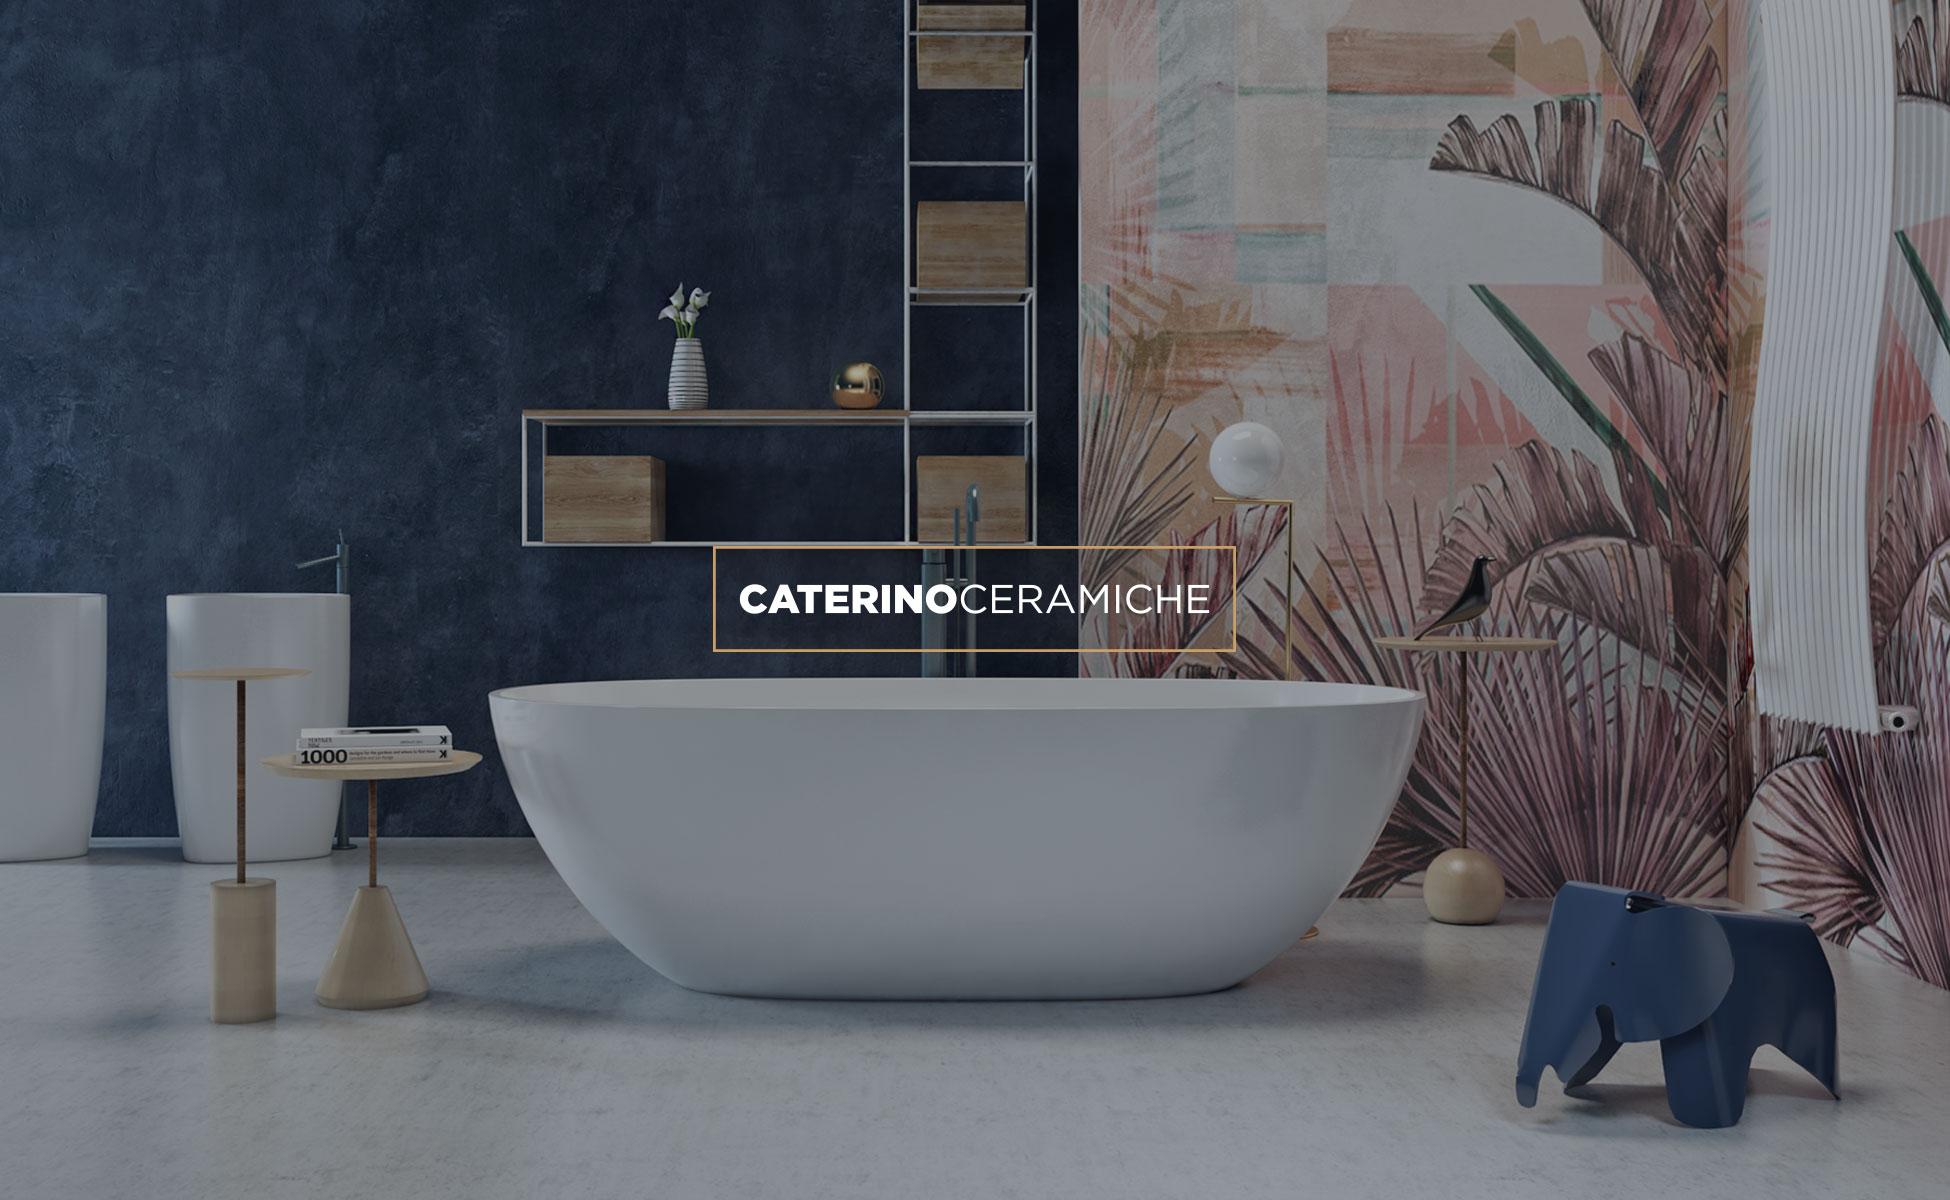 caterino ceramiche napoli caserta aversa casal di principe arredo bagno pavimenti rivestimenti radiatori stufe a pellet